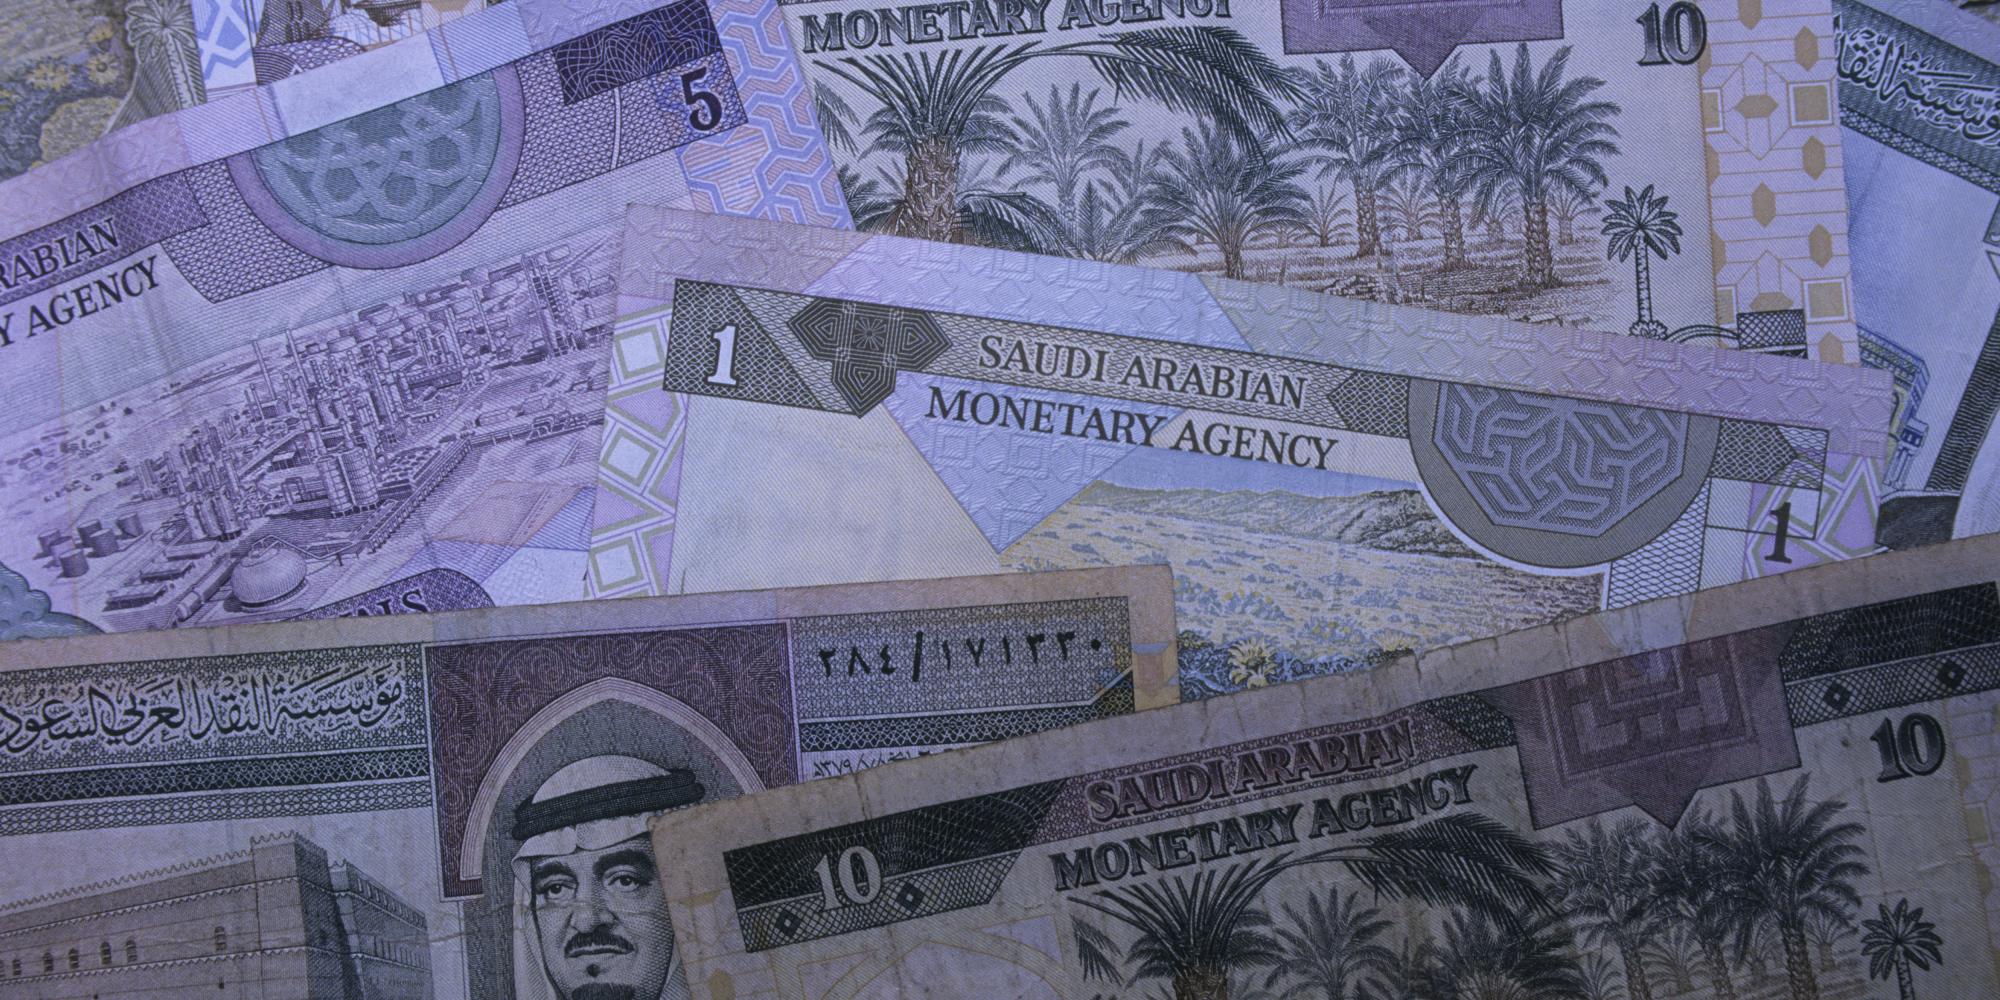 كيف فقد سعوديون المليارات جراء عمليات نصب واحتيال؟